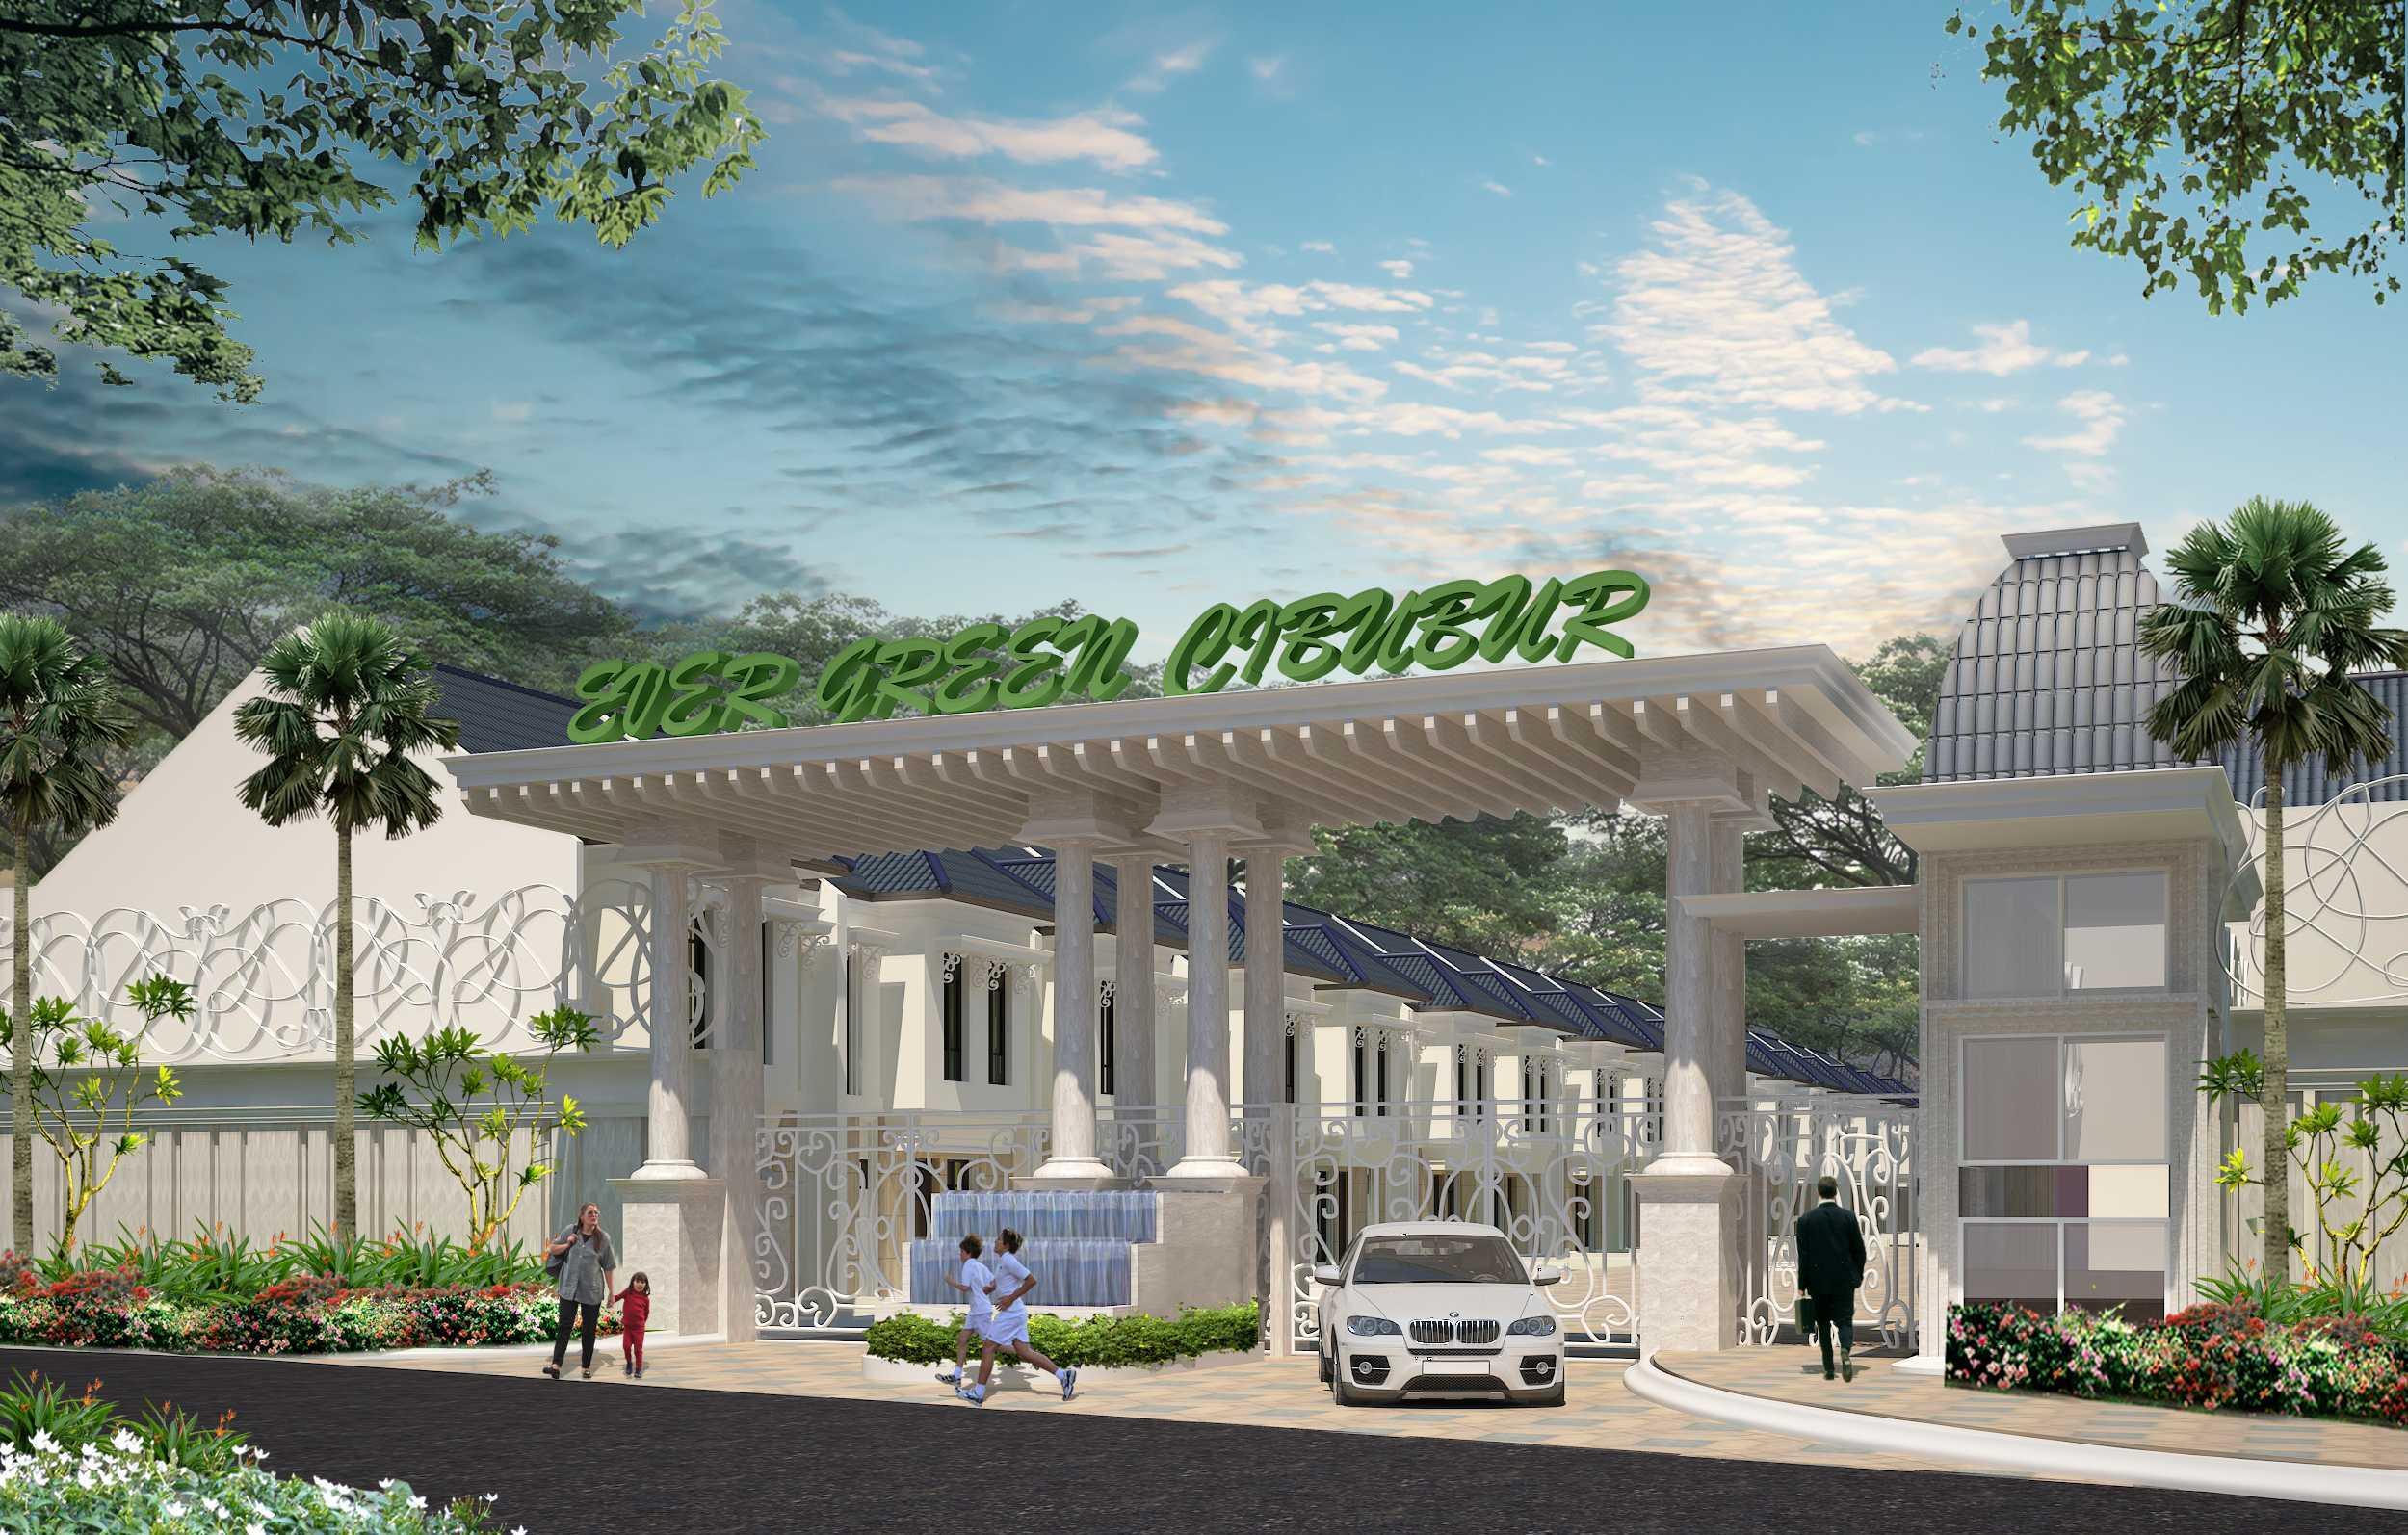 Alradistadesign Cibubur Residence Cibubur Cibubur Gate-Perumahan Modern  13676